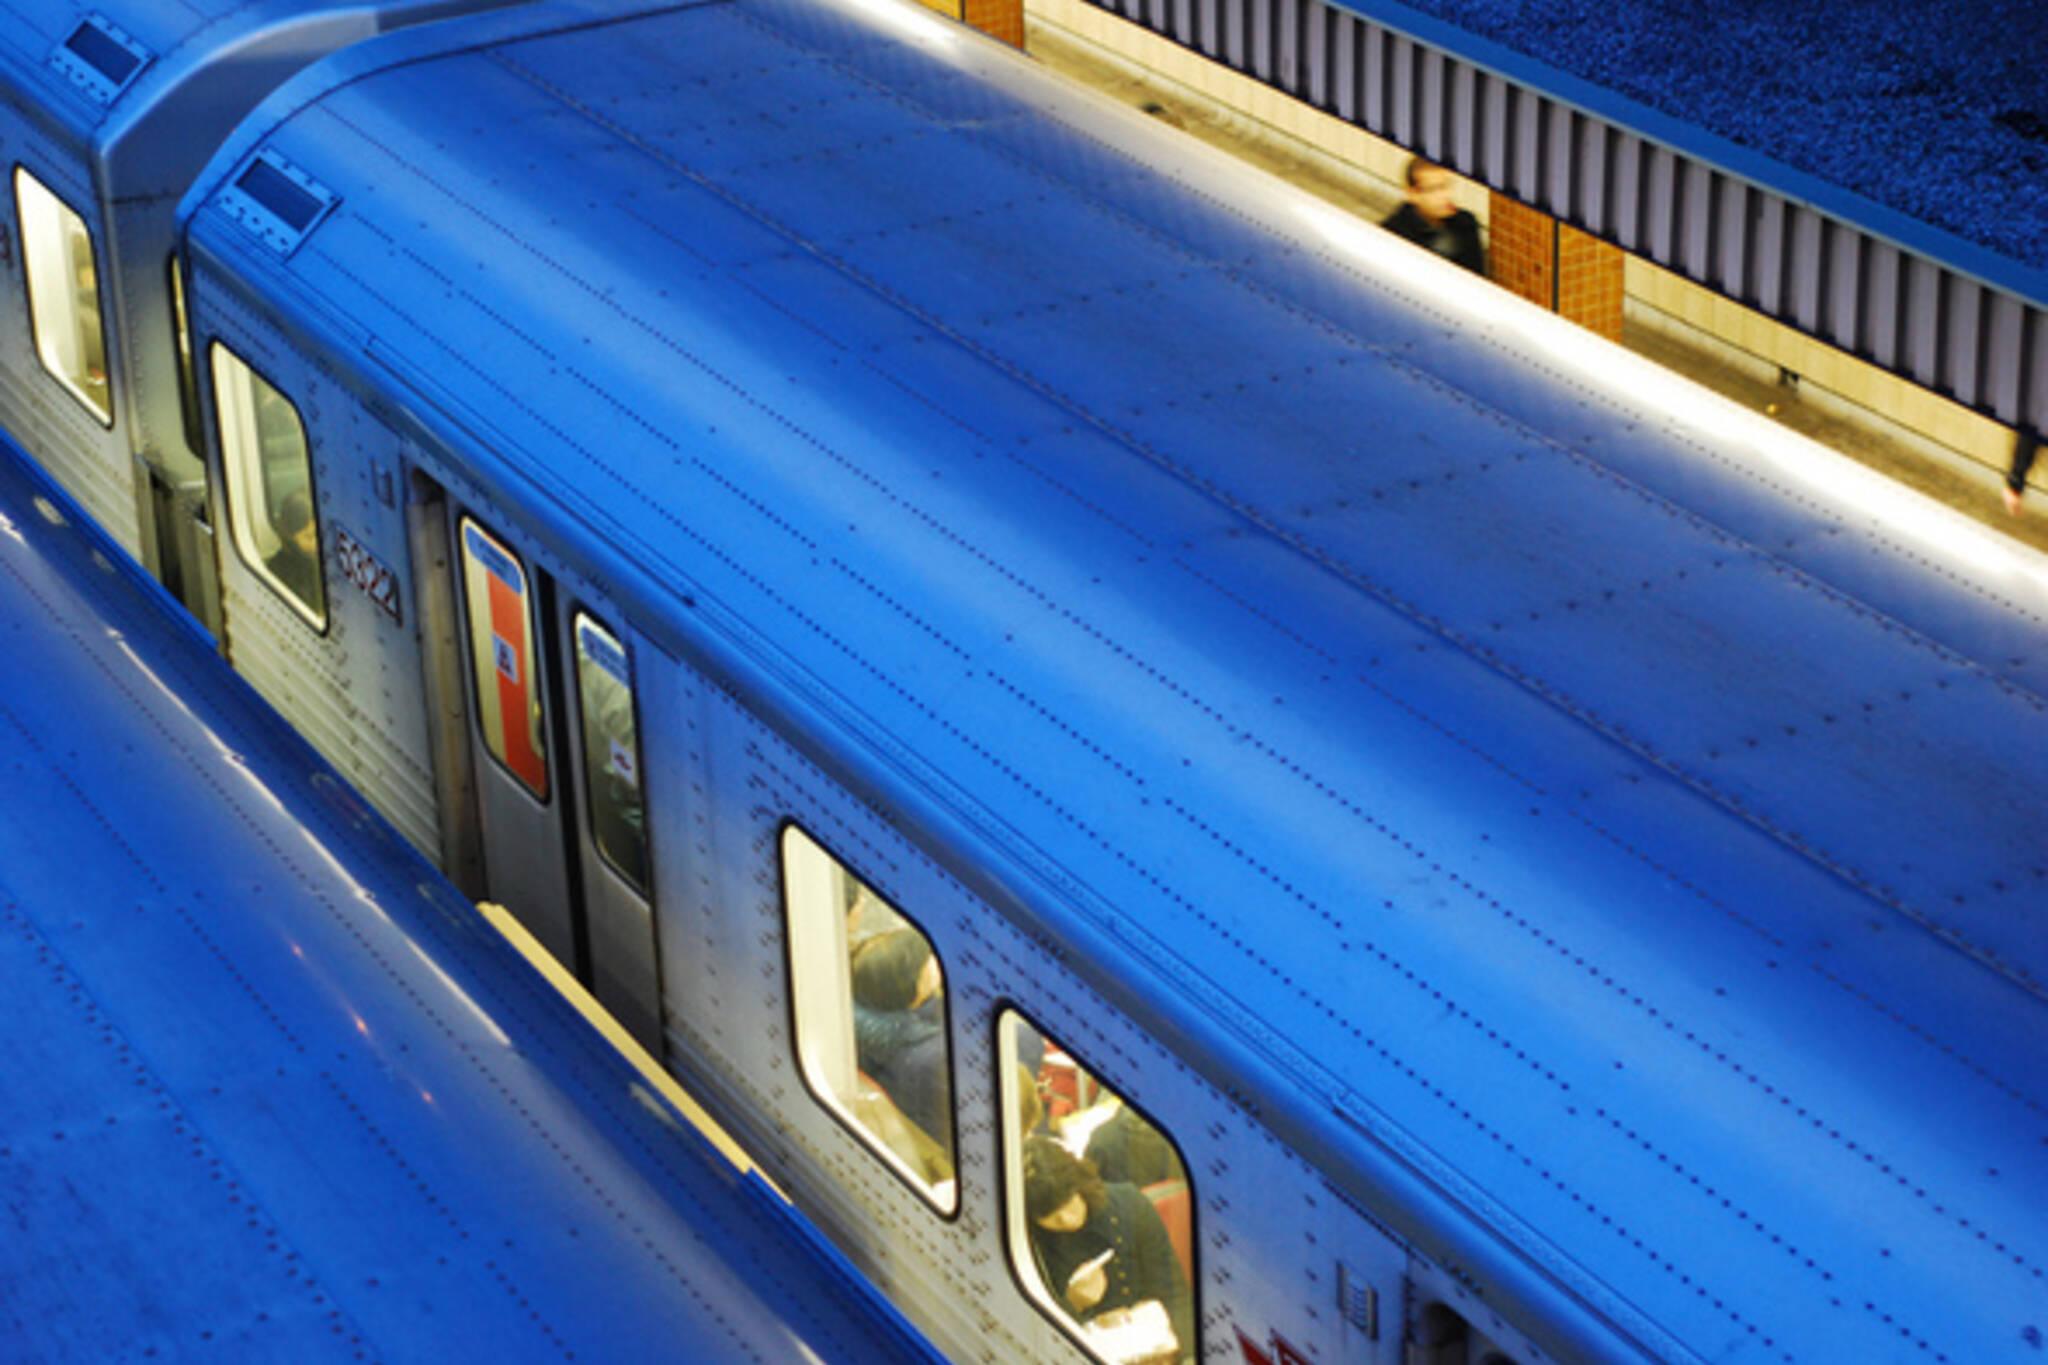 TTC Trains